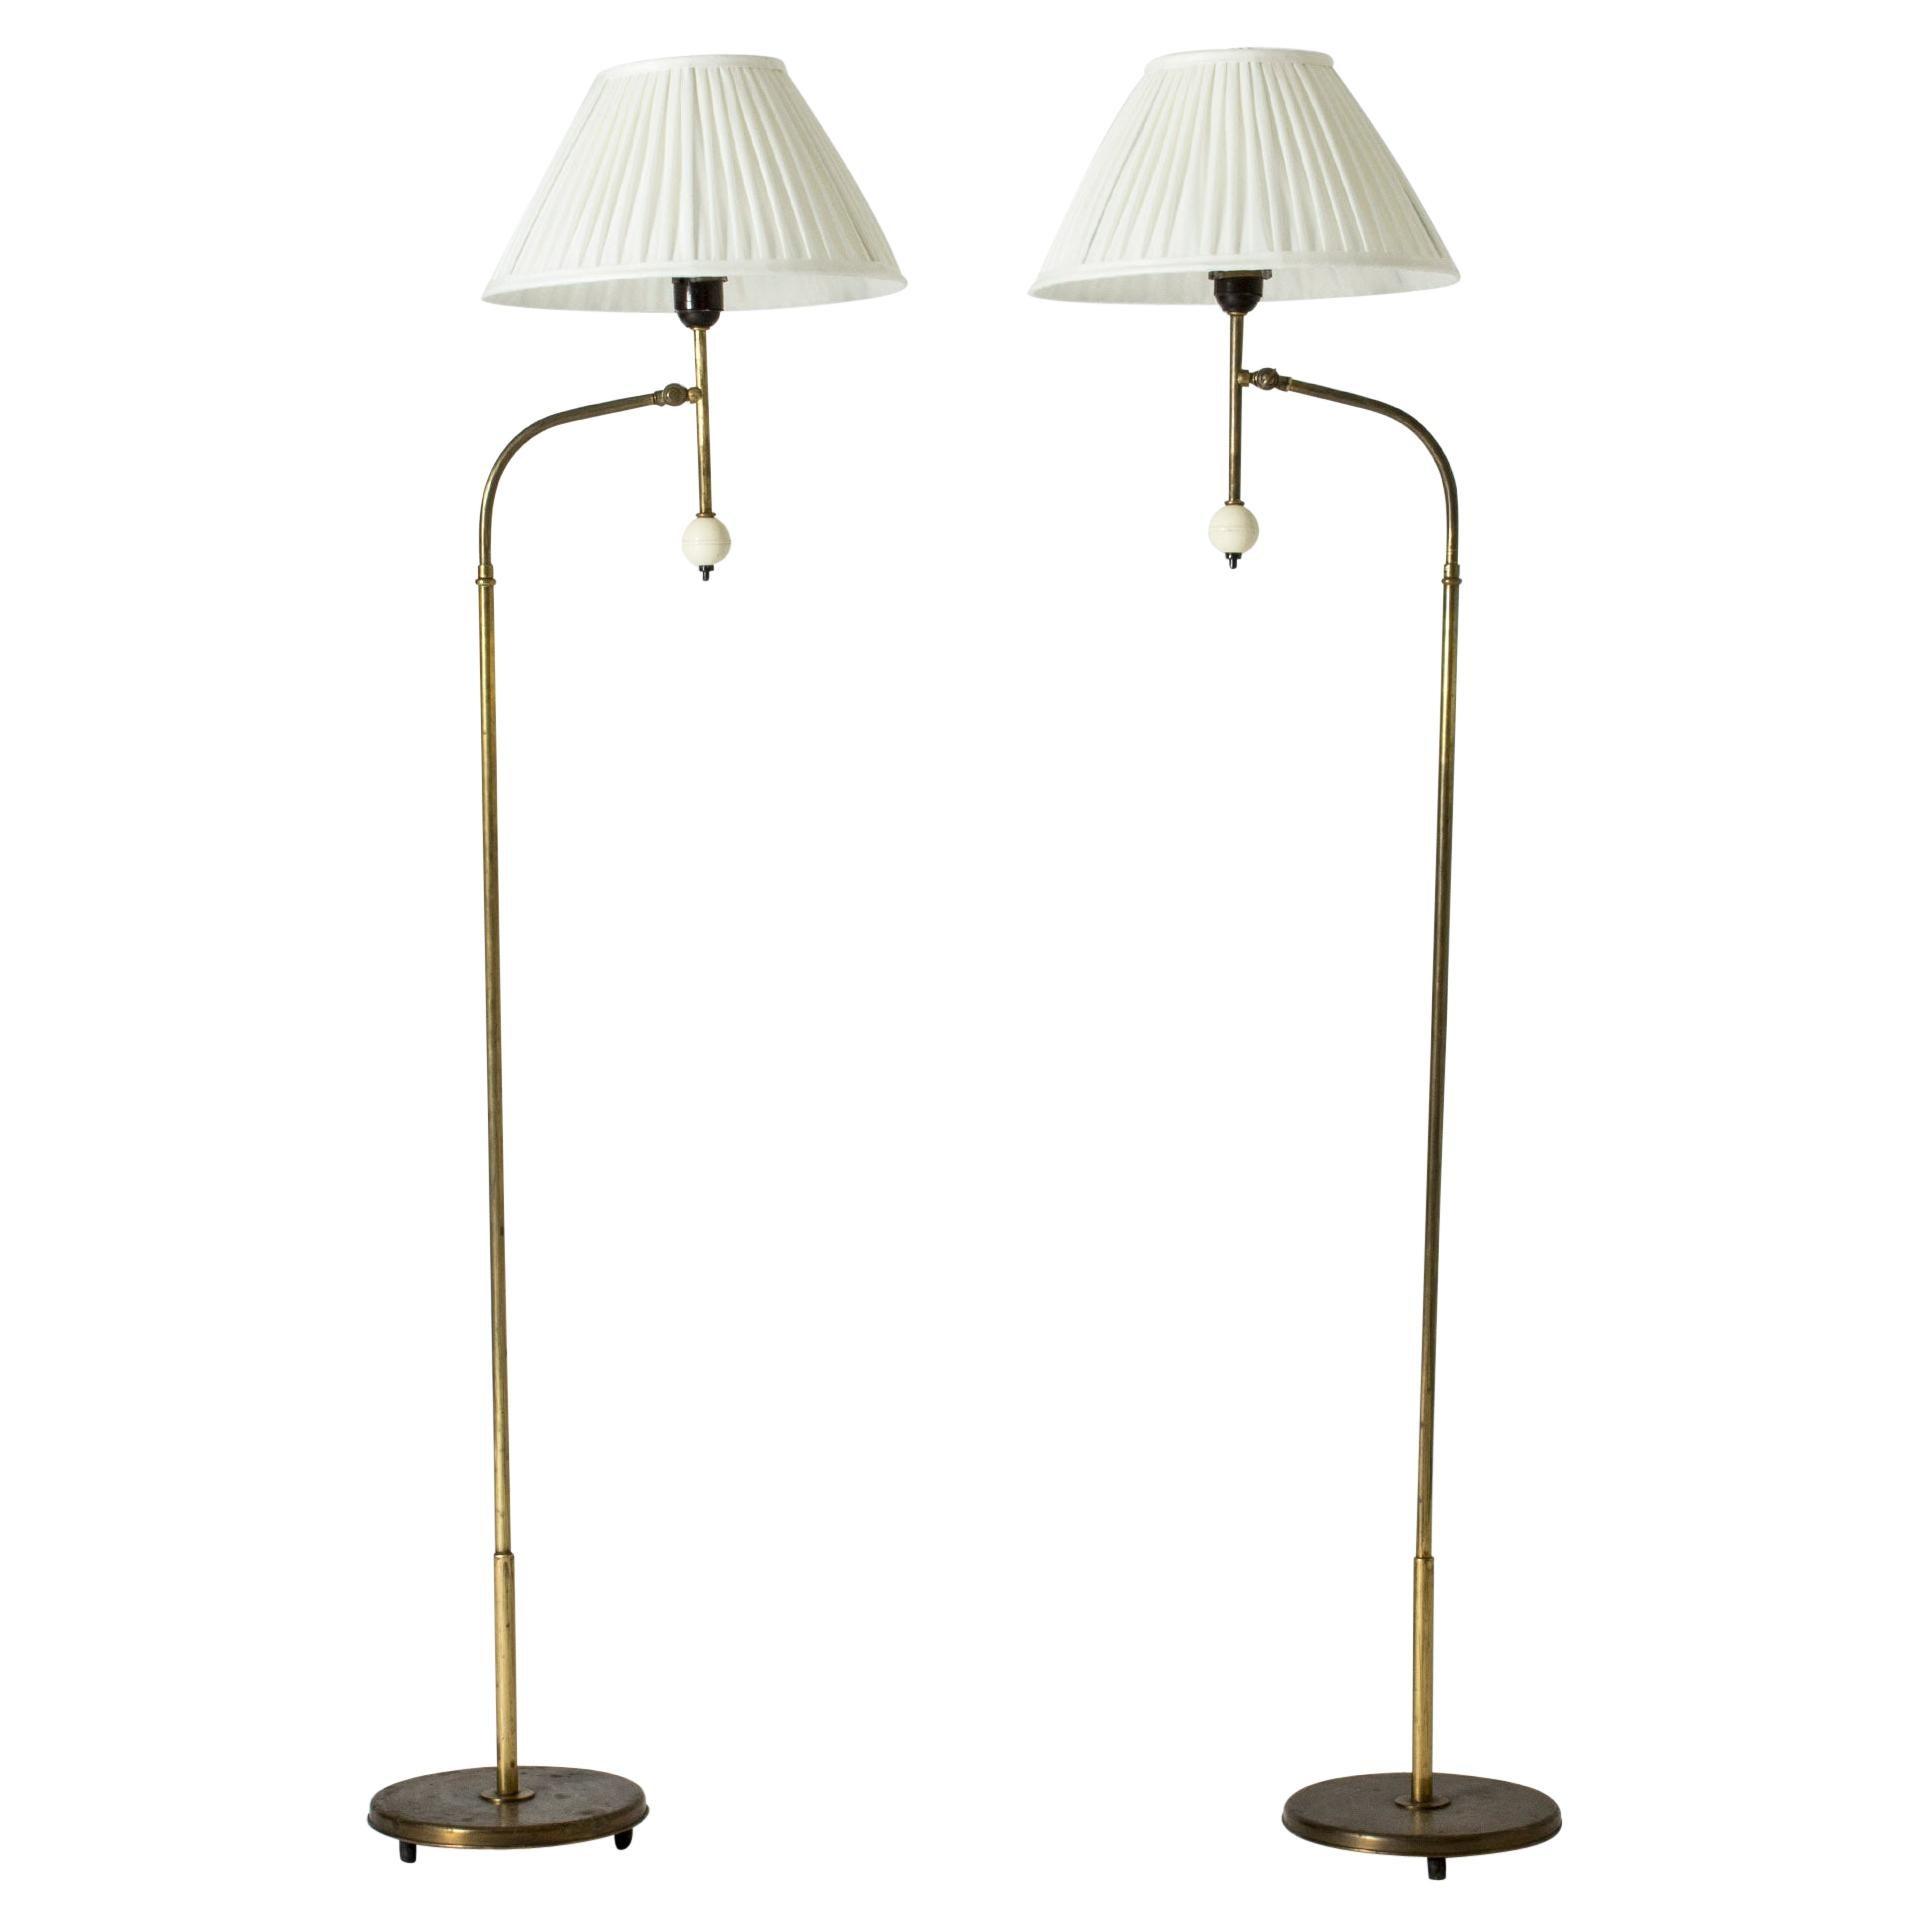 Bertil Brisborg Floor Lamps